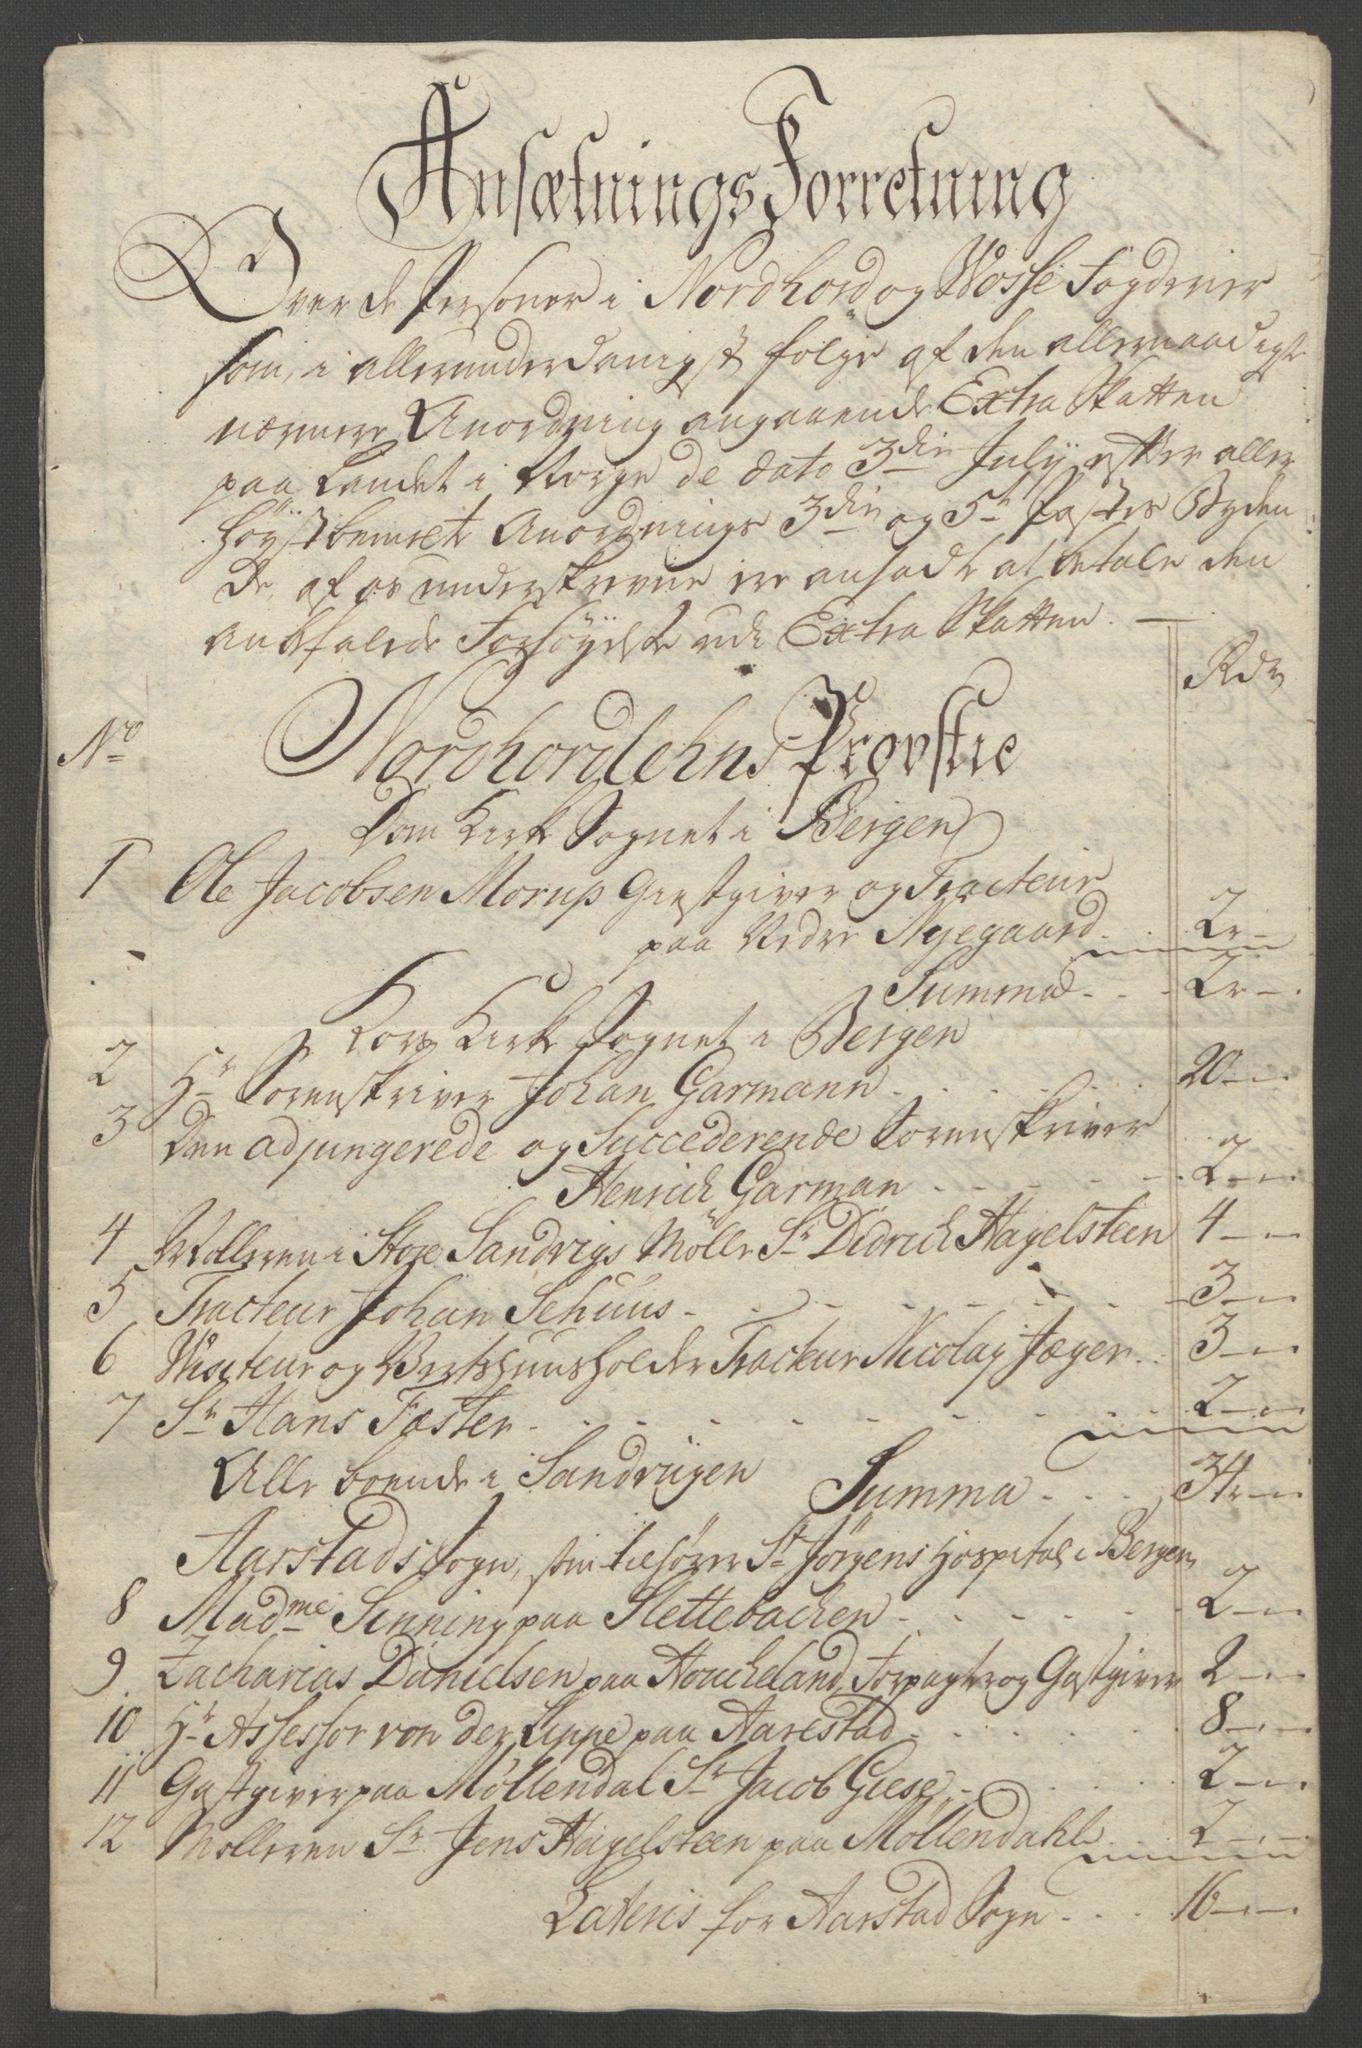 RA, Rentekammeret inntil 1814, Reviderte regnskaper, Fogderegnskap, R51/L3303: Ekstraskatten Nordhordland og Voss, 1762-1772, s. 361